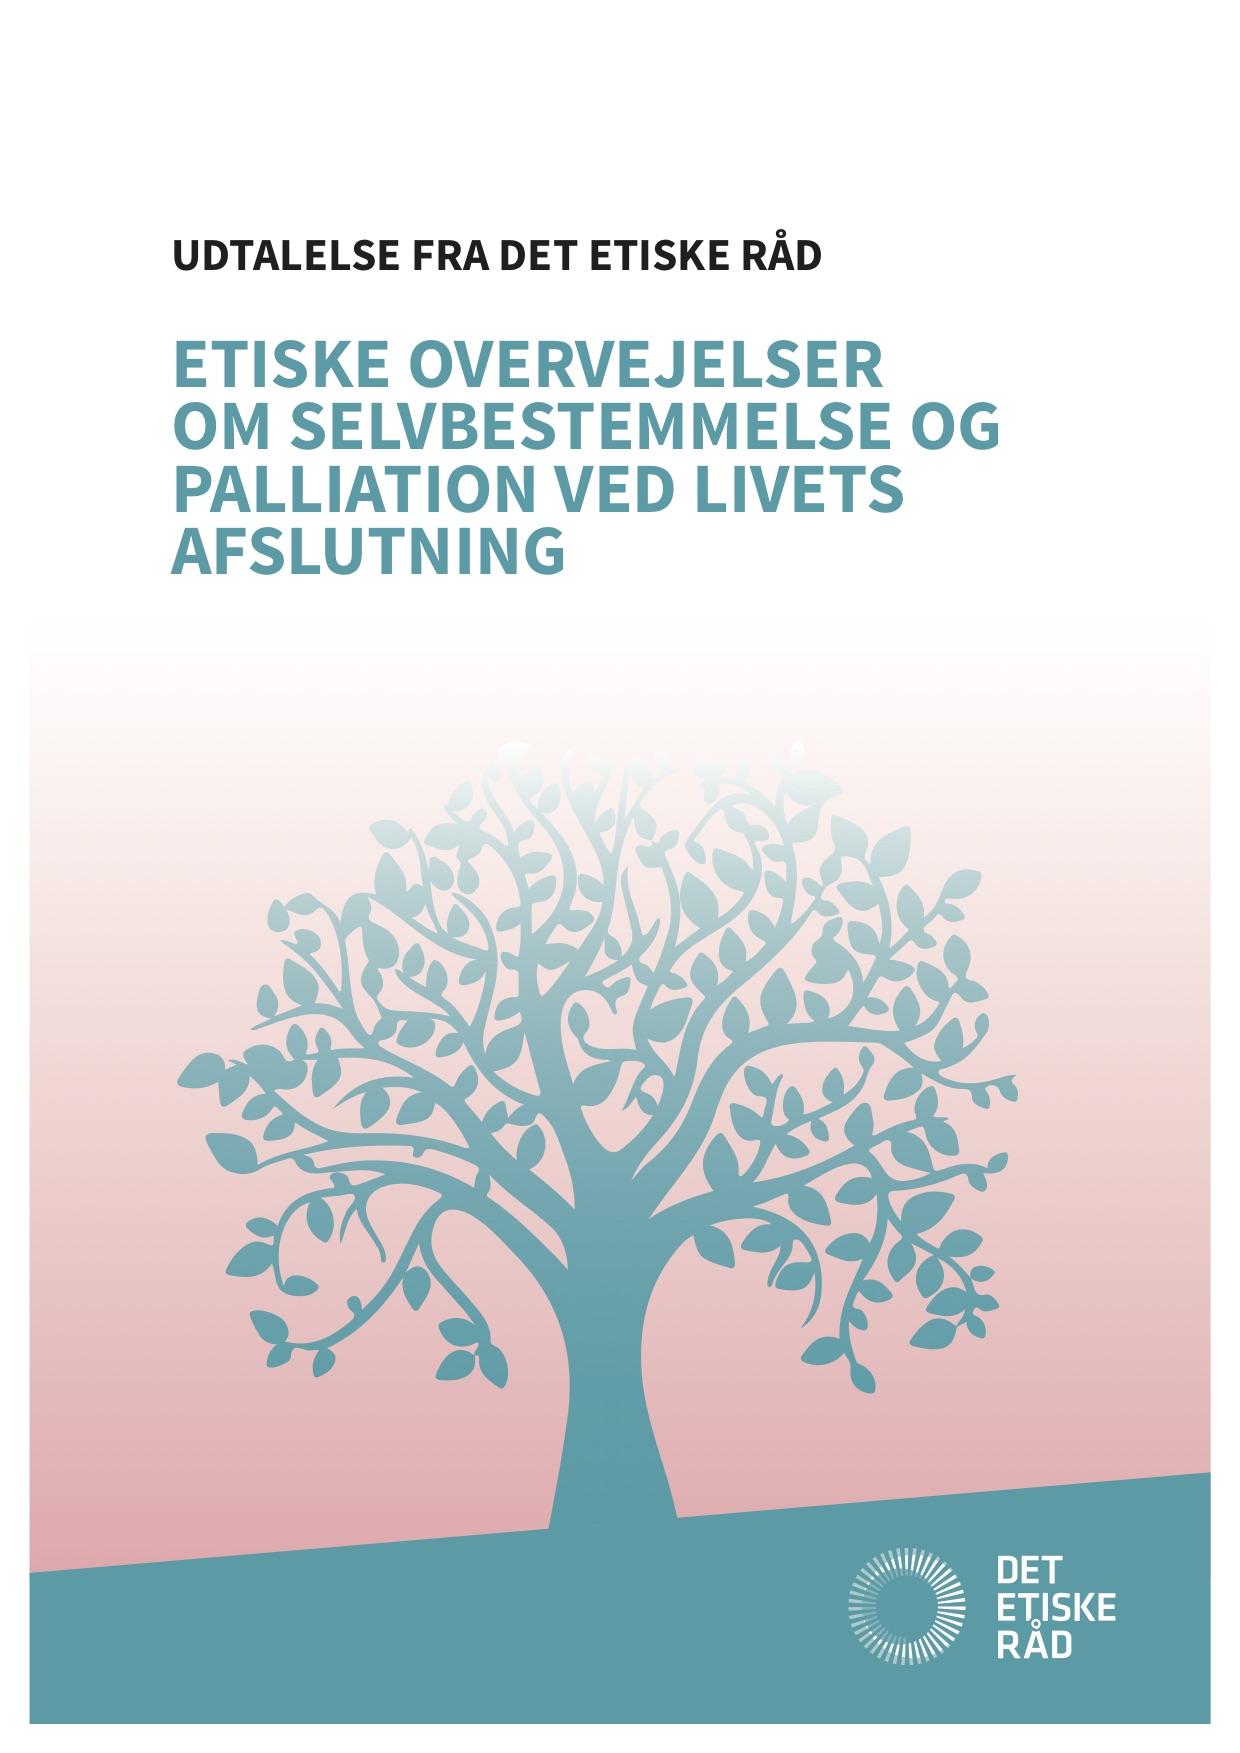 Etiske overvejelser om selvbestemmelse og palliation ved livets afslutning forside